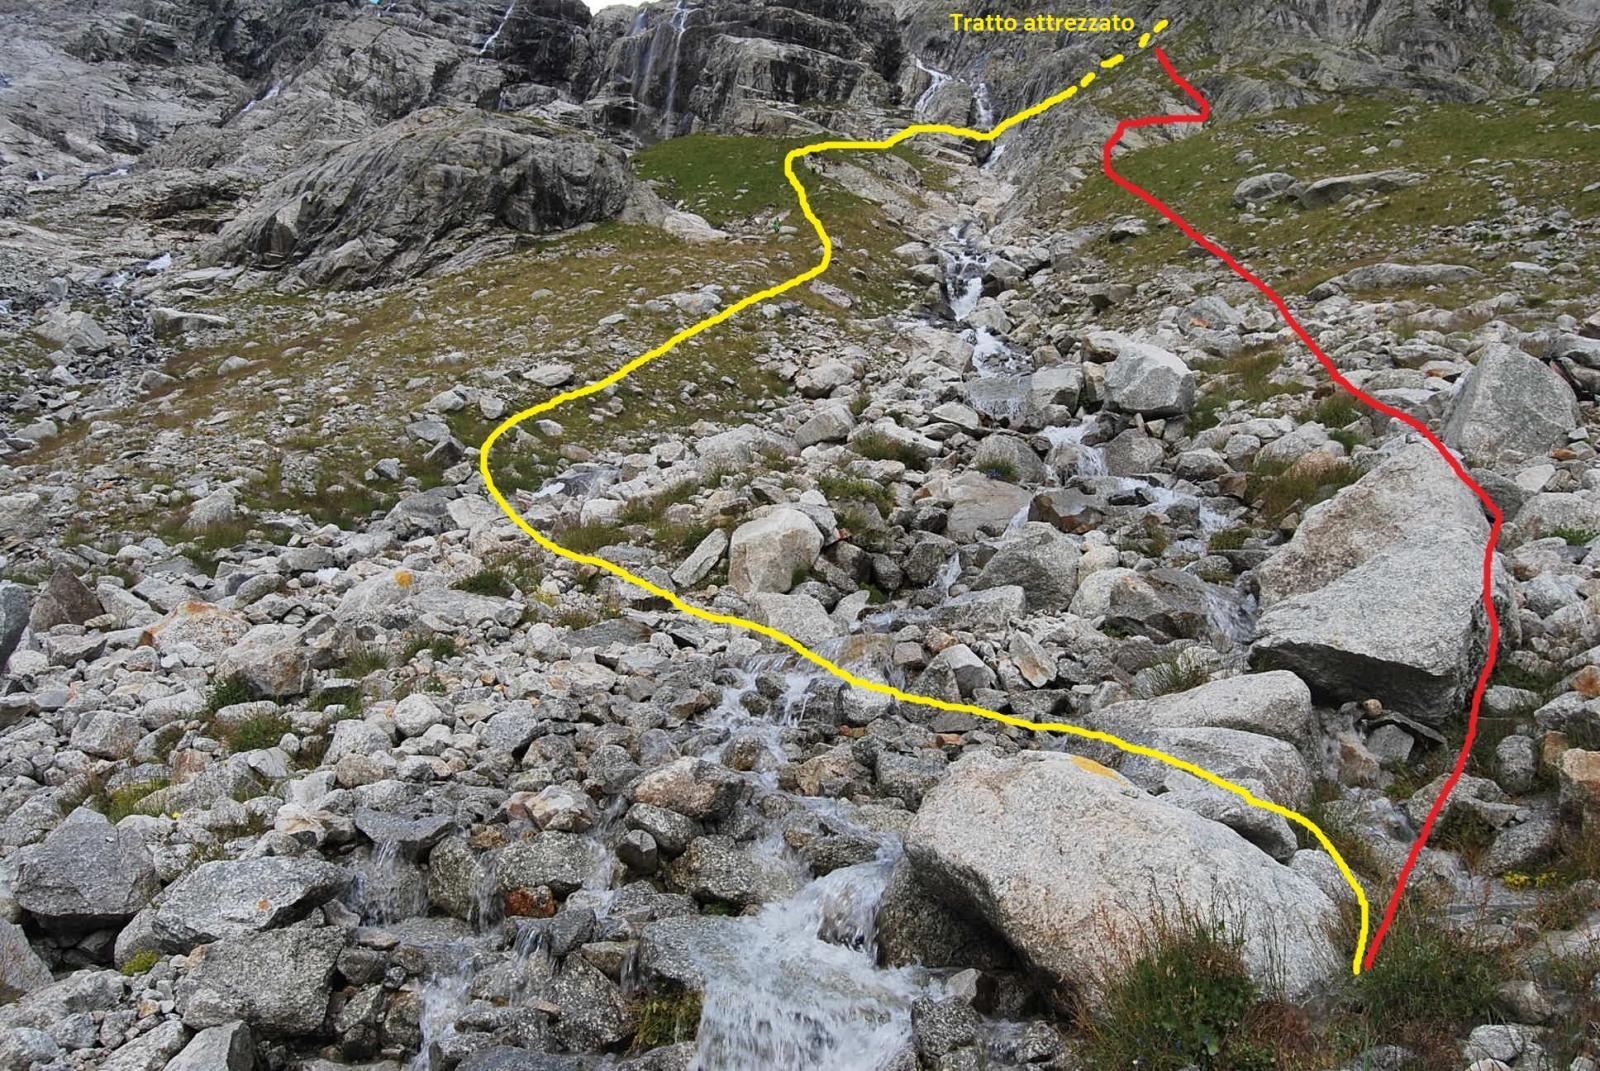 Il bivio critico: anche se non evidente, qui va attraversato il torrente (percorso giallo) evitando di proseguire sul costone (rosso).